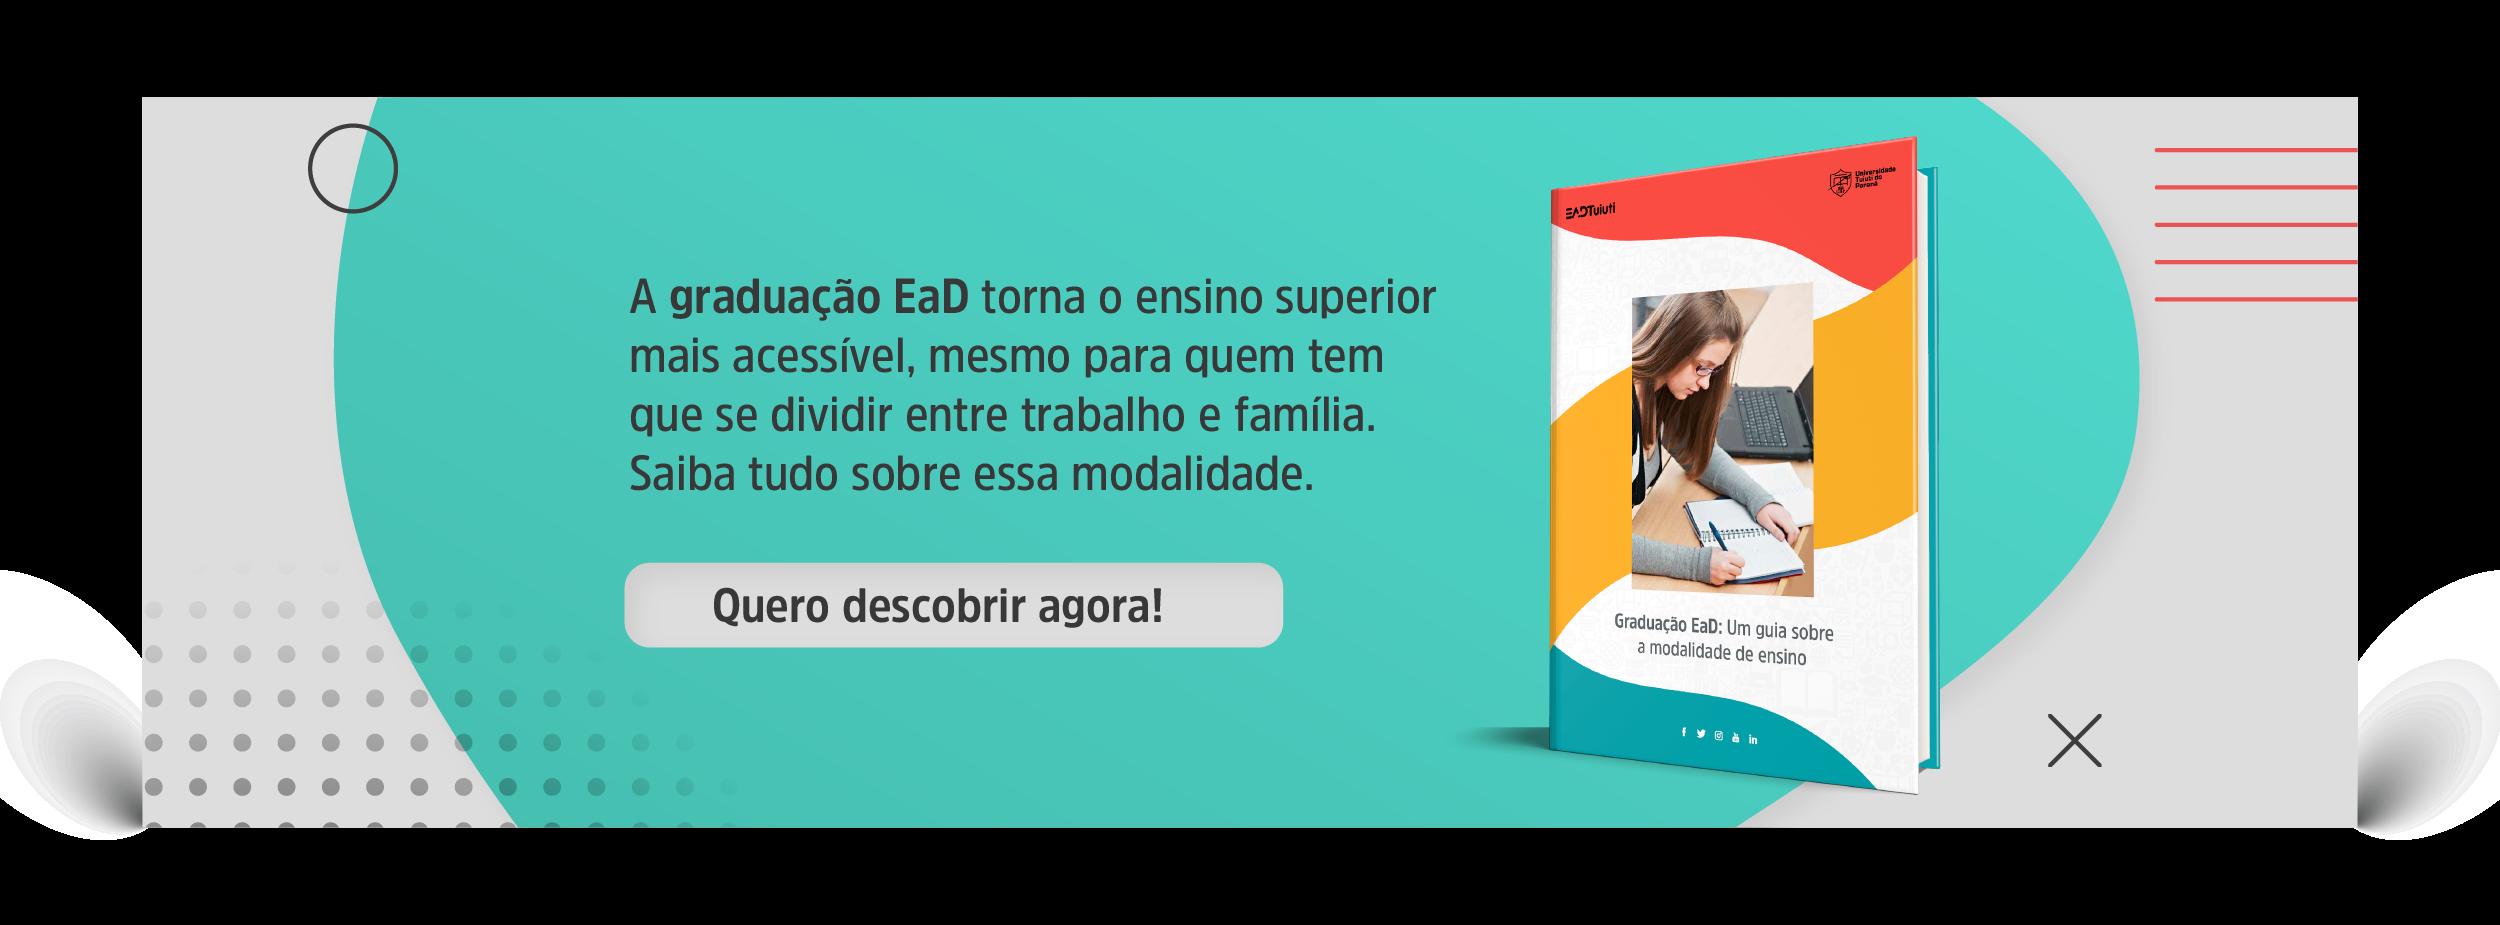 eBook - Graduacao EaD